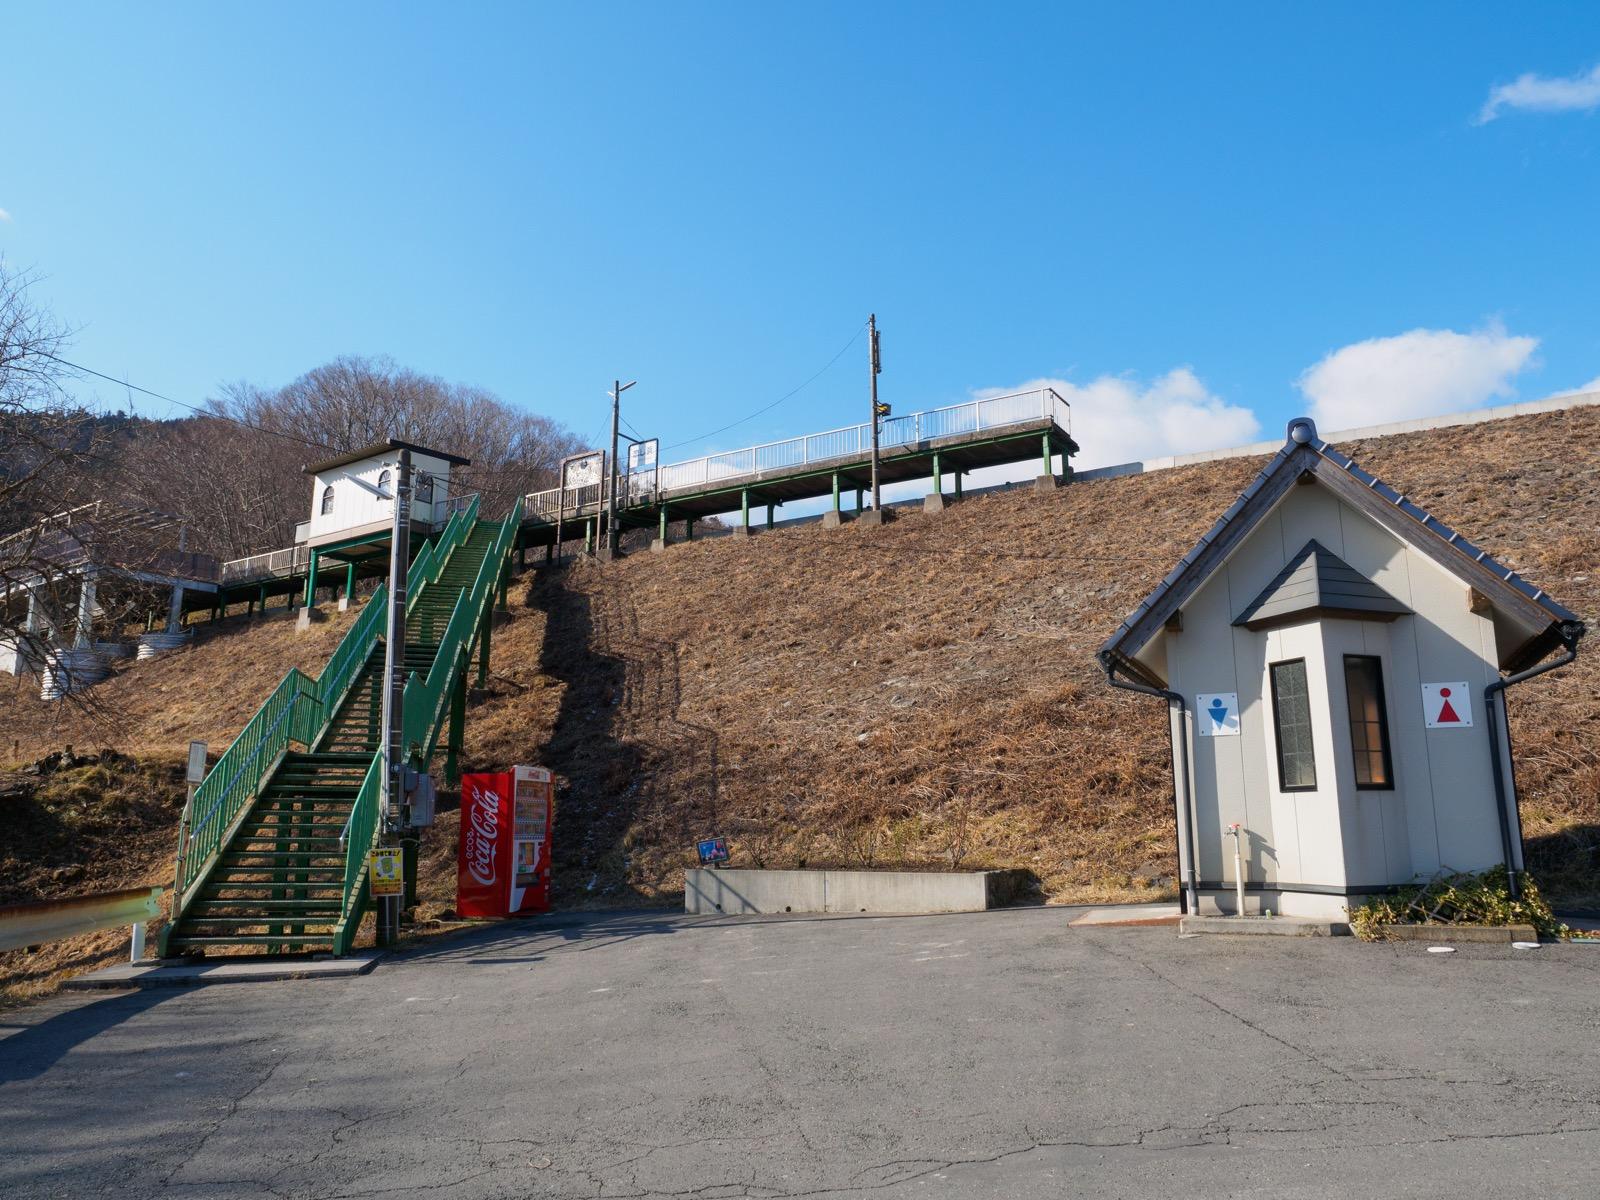 恋し浜駅のホームと駅前のトイレ(2016年2月)